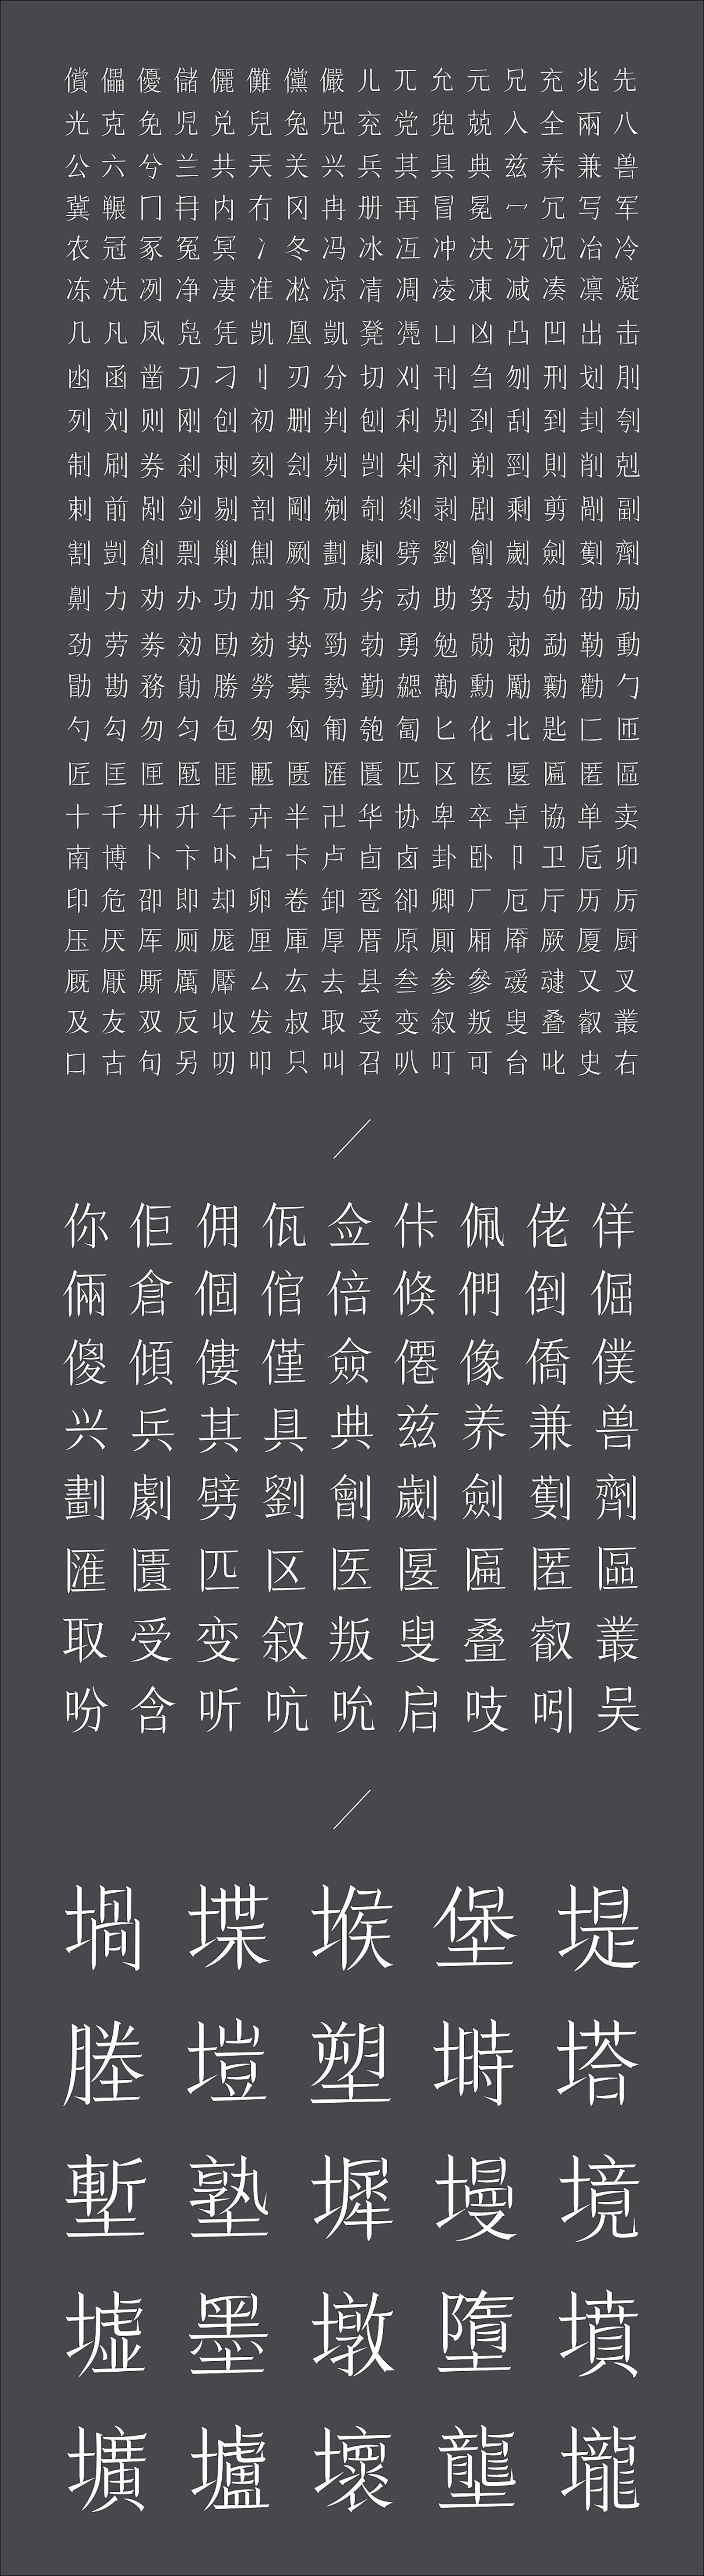 2019新字体:刘兵克春风体-深圳vi设计6